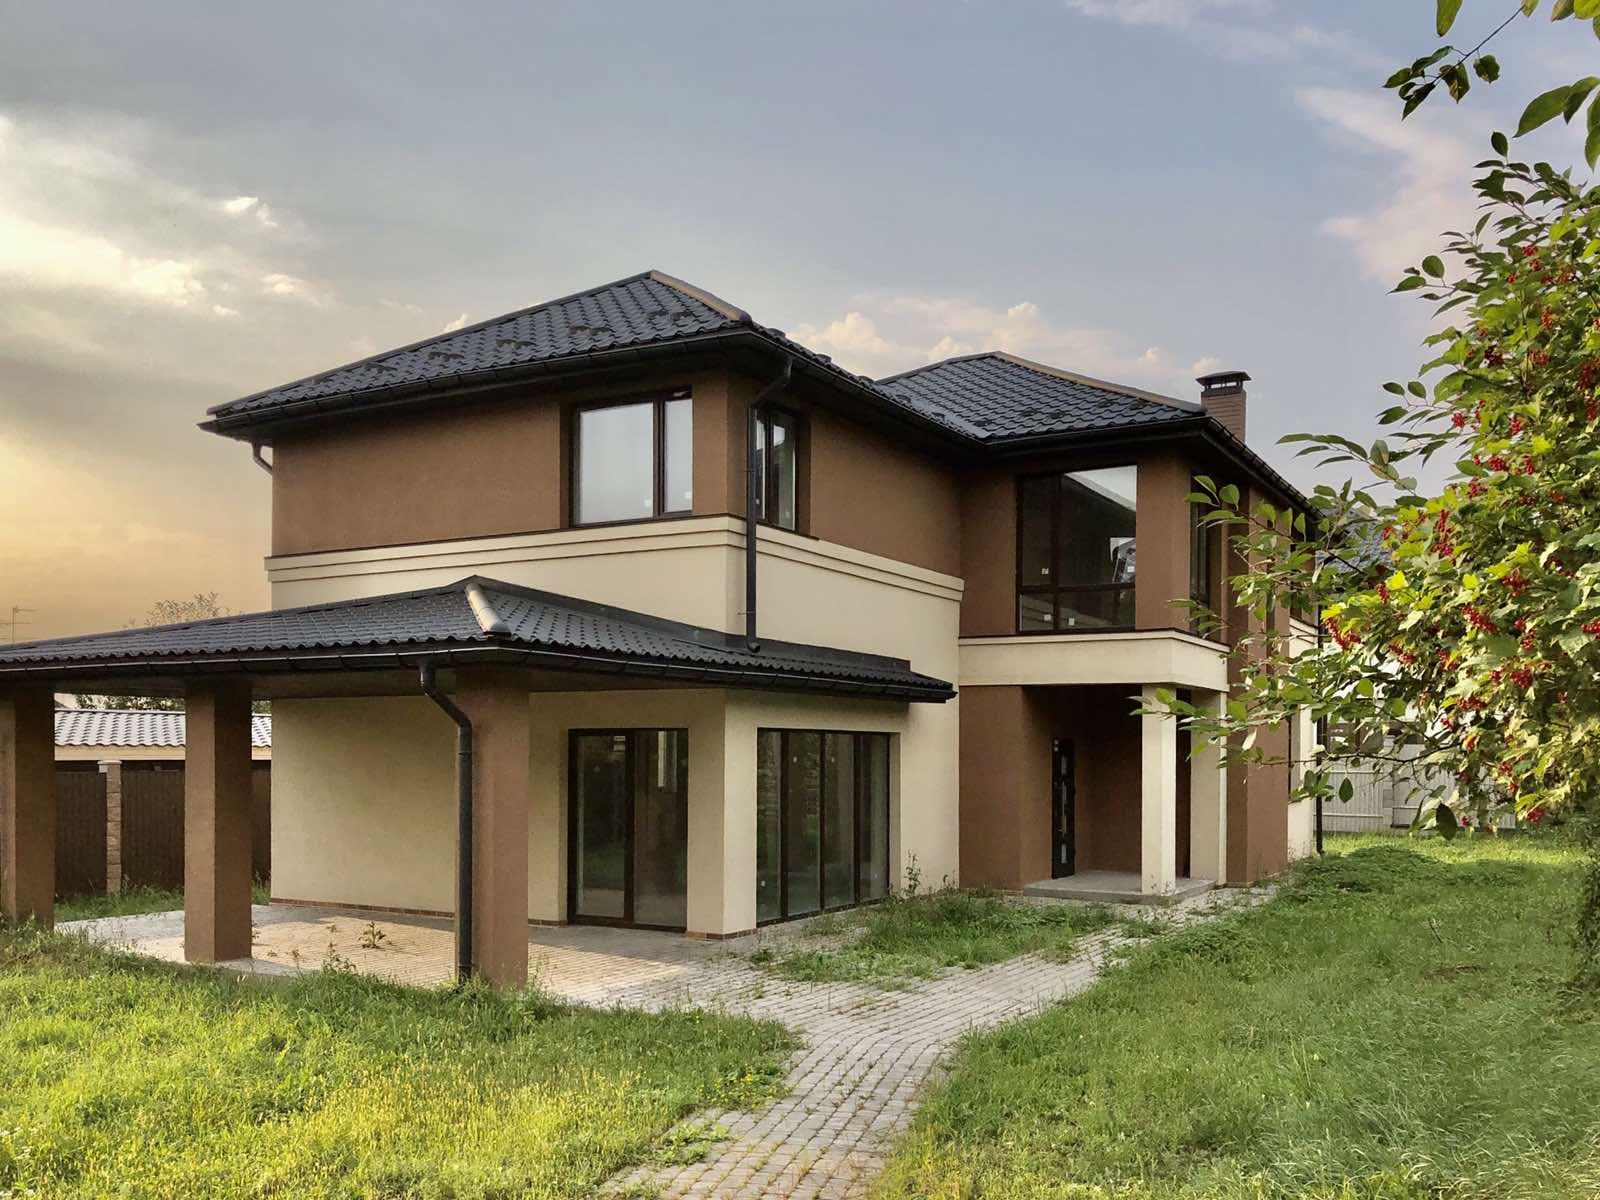 Елітний будинок біля лісу та озера 205 м2 на 13 сотках землі